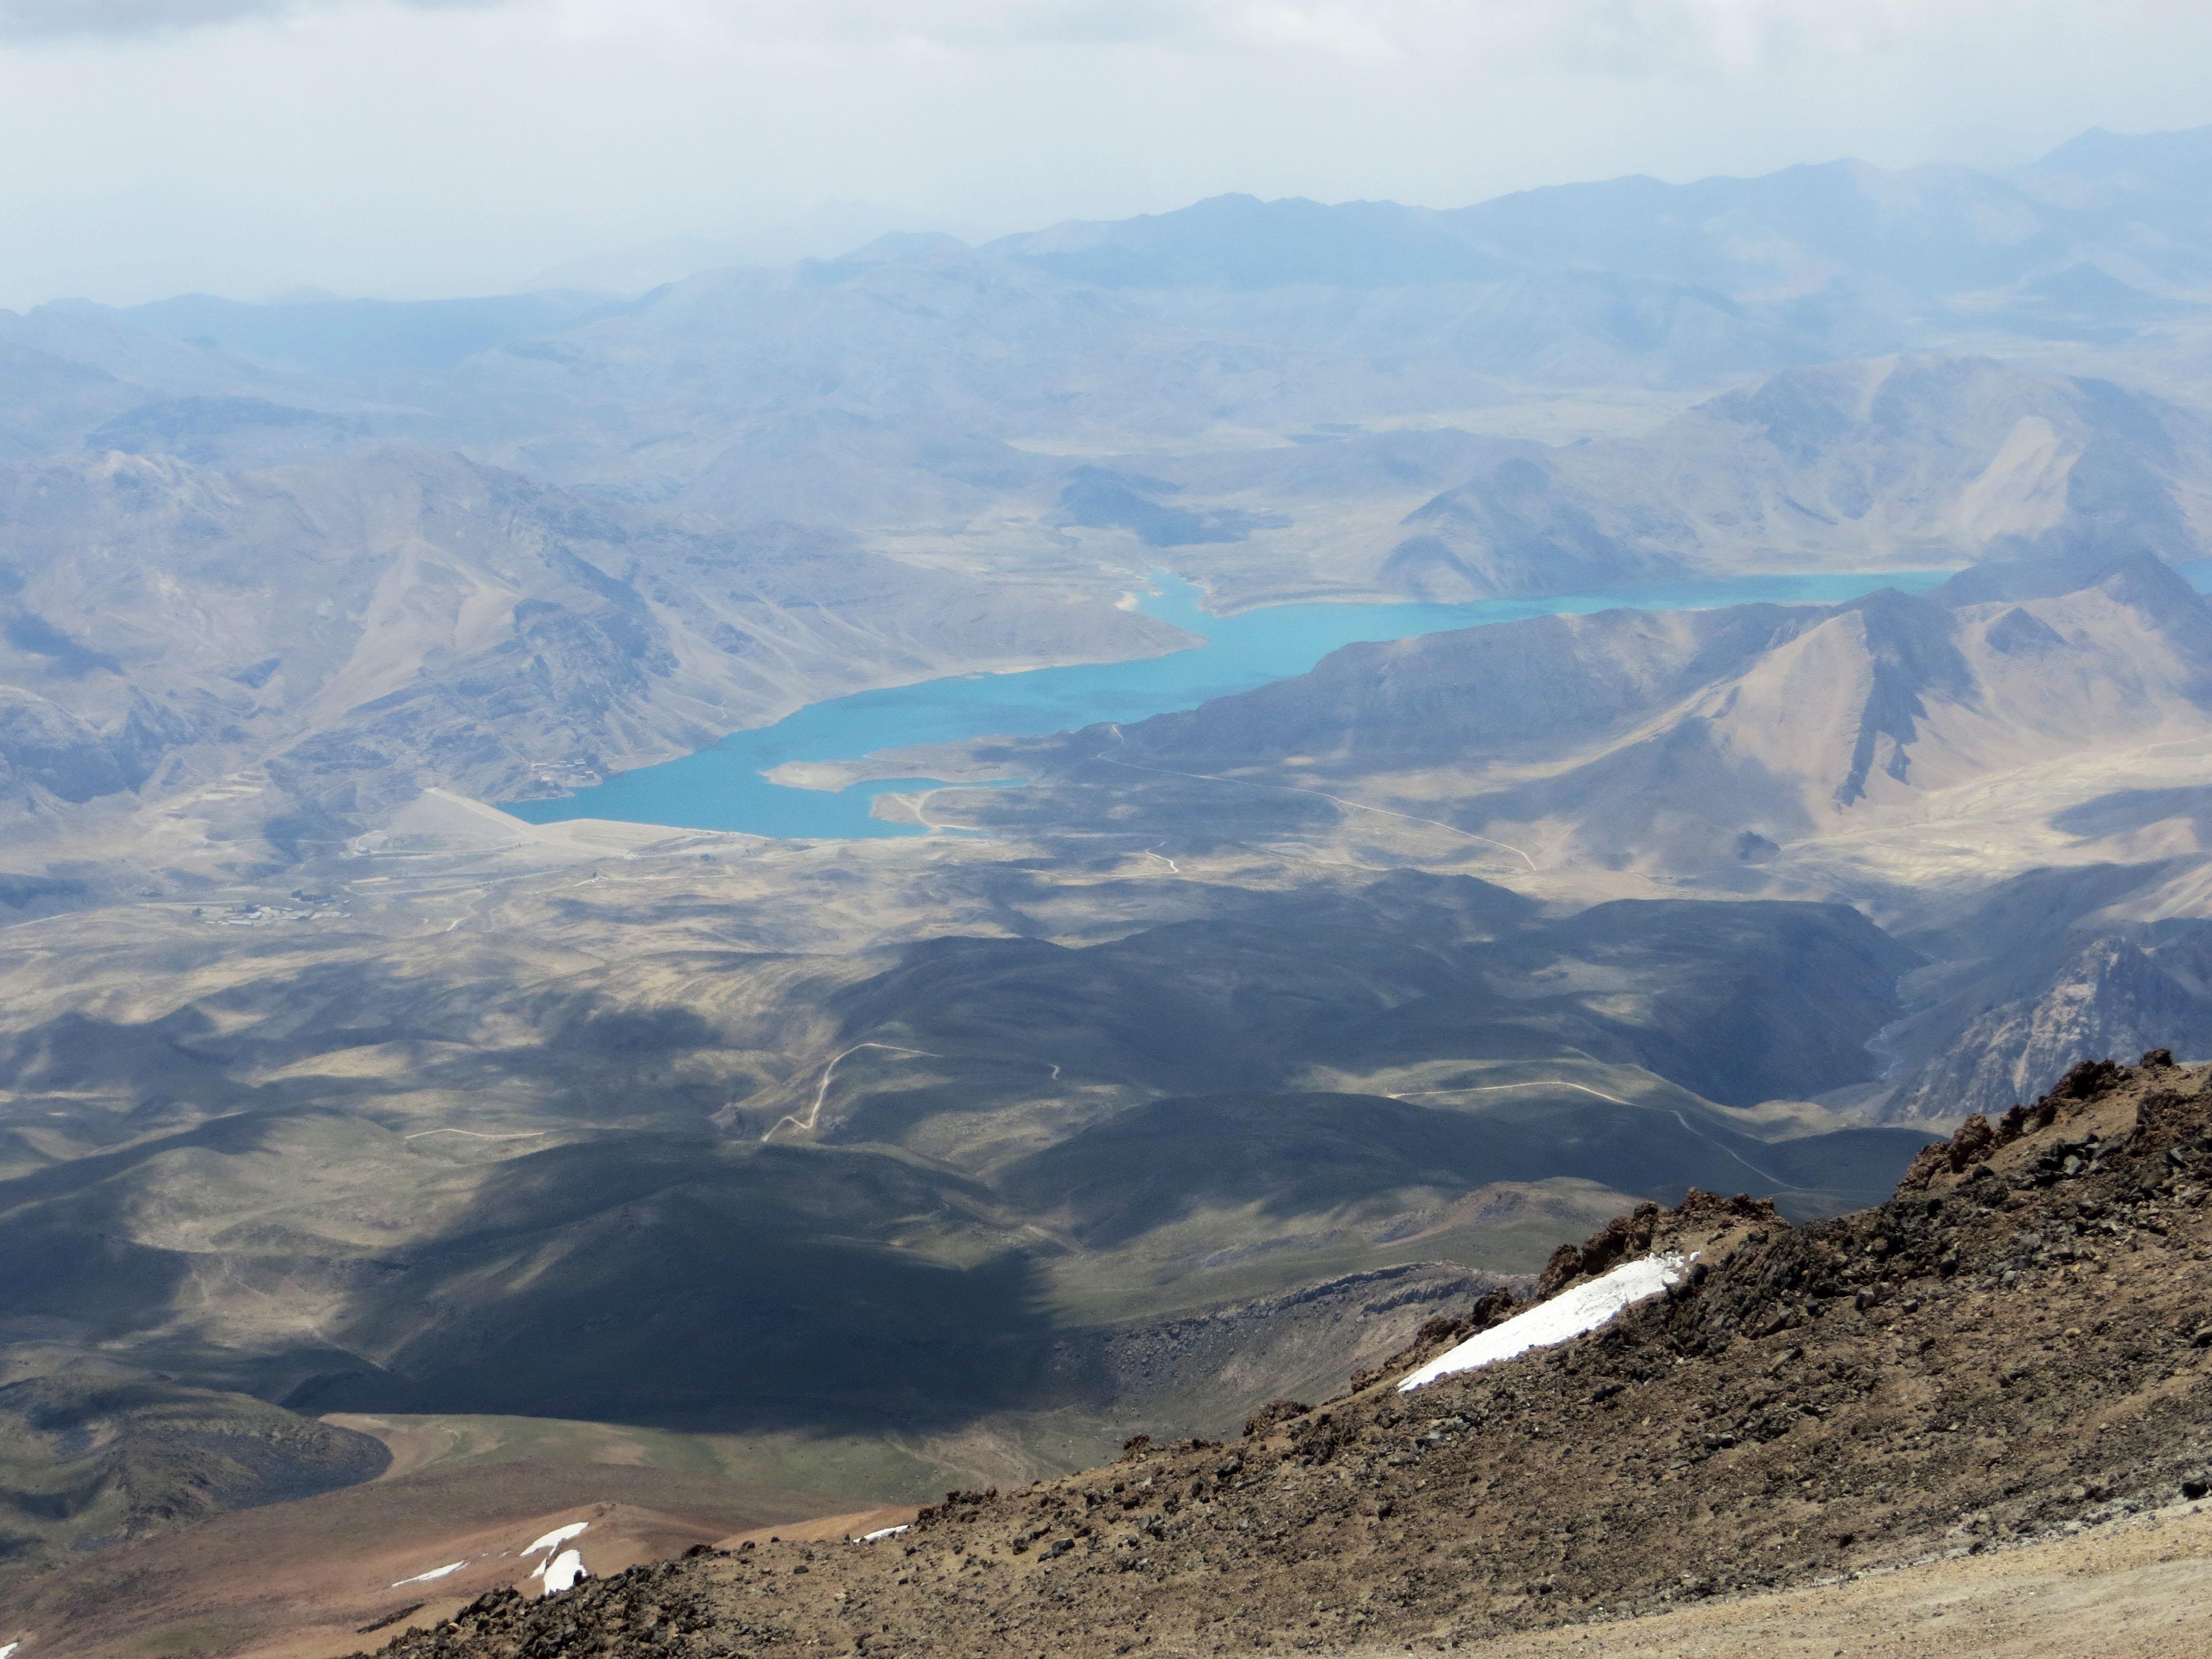 02. Lar Lake From 5300 m of Damavand